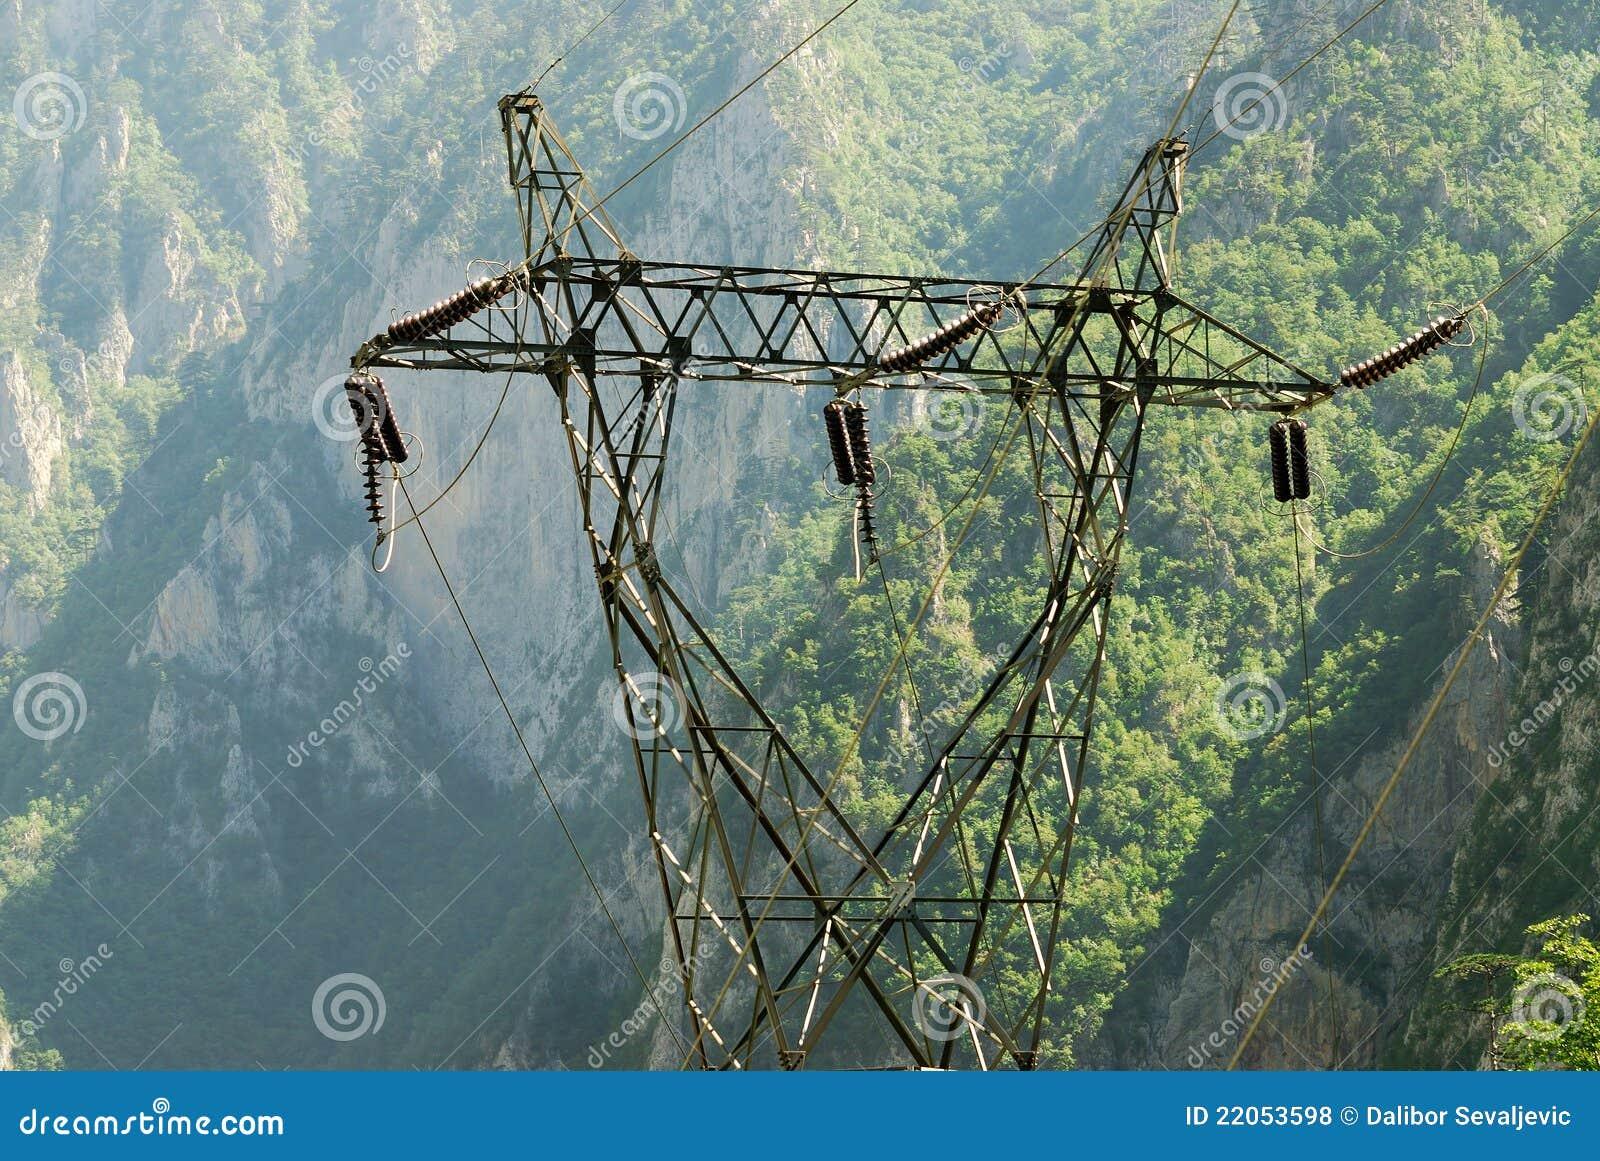 Kraftübertragungzeile im wilden